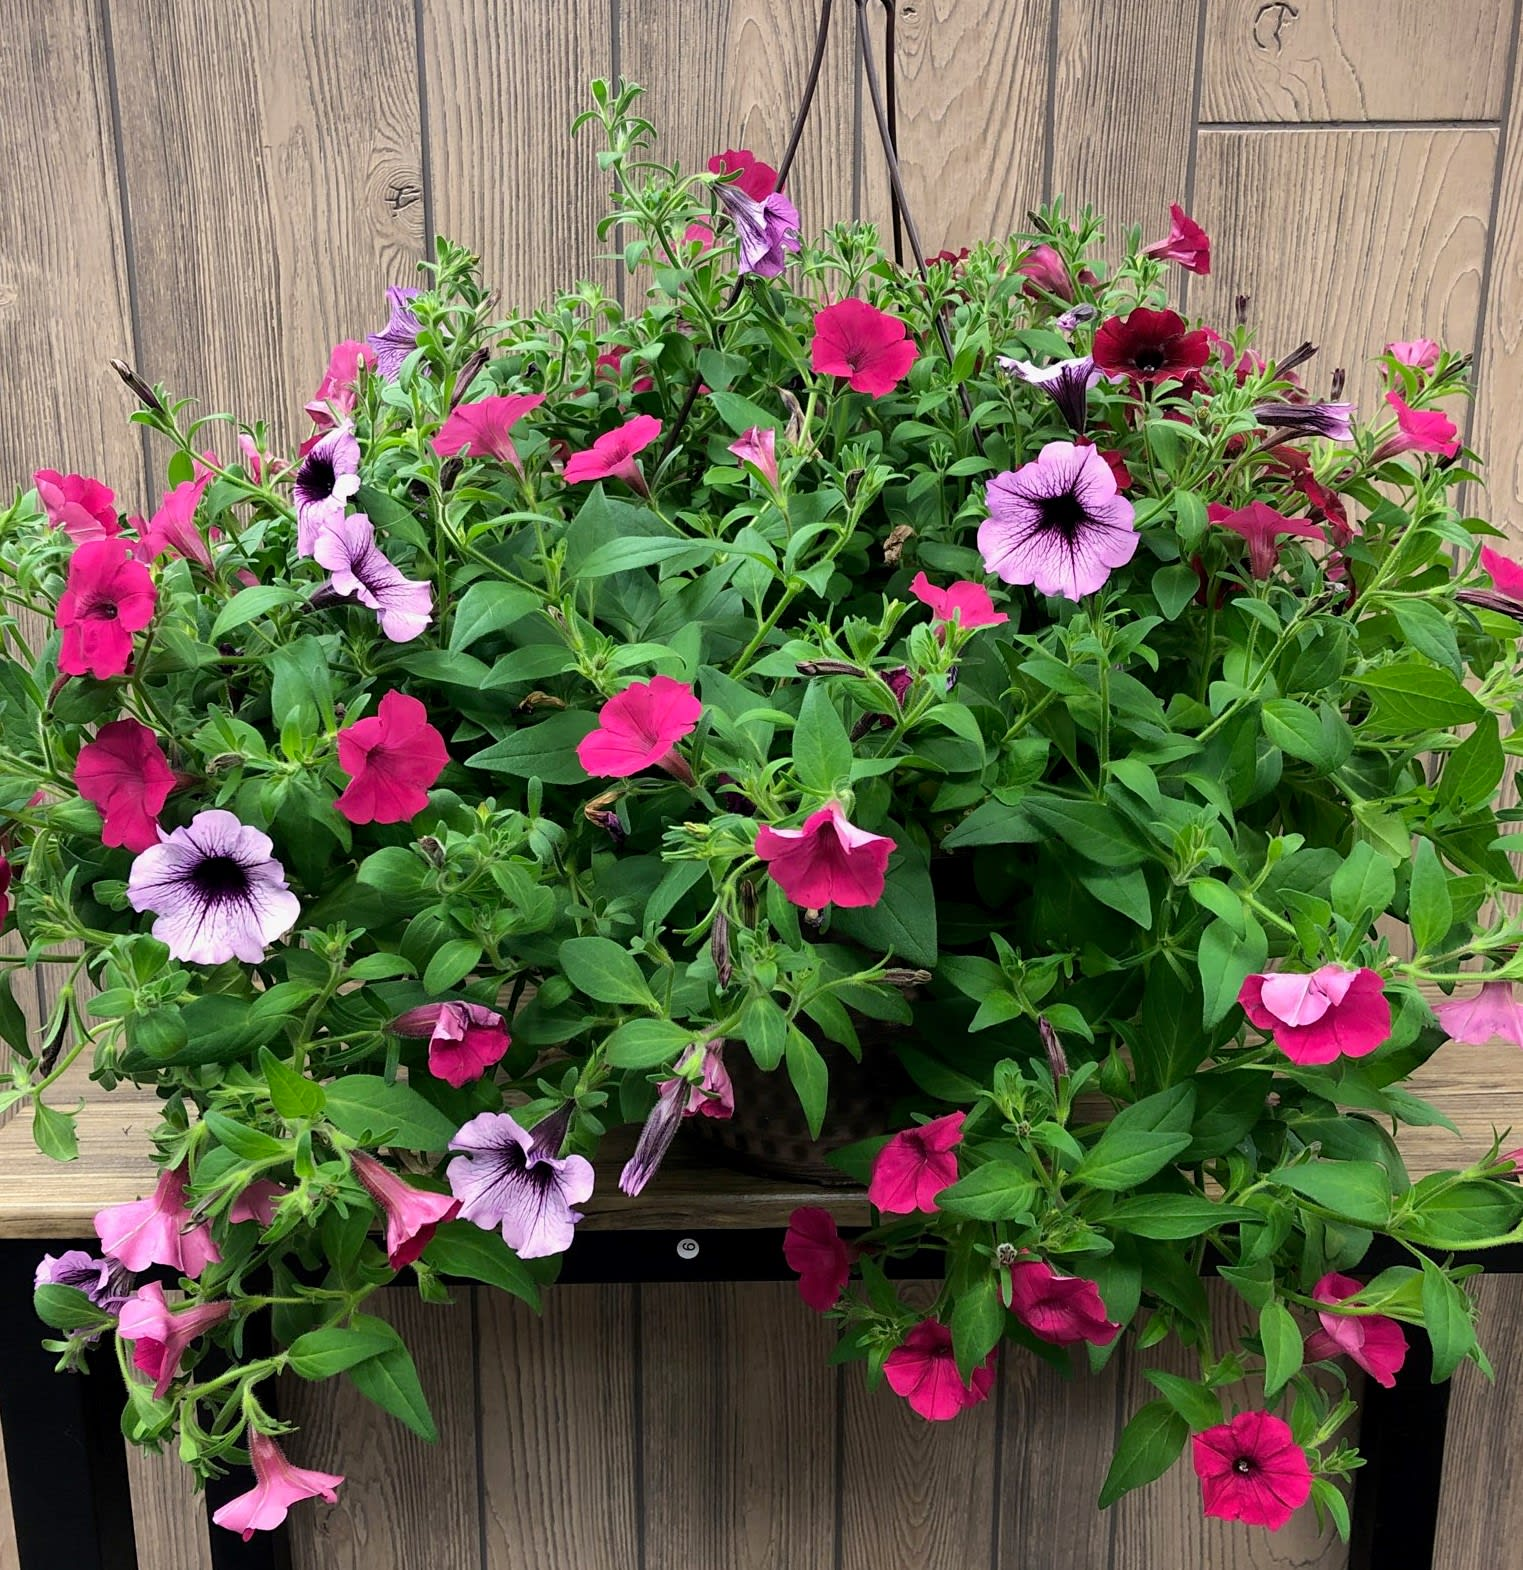 Zeer Petunia Blooming Hanging Basket in Grand Rapids, MN   North In Bloom GY64